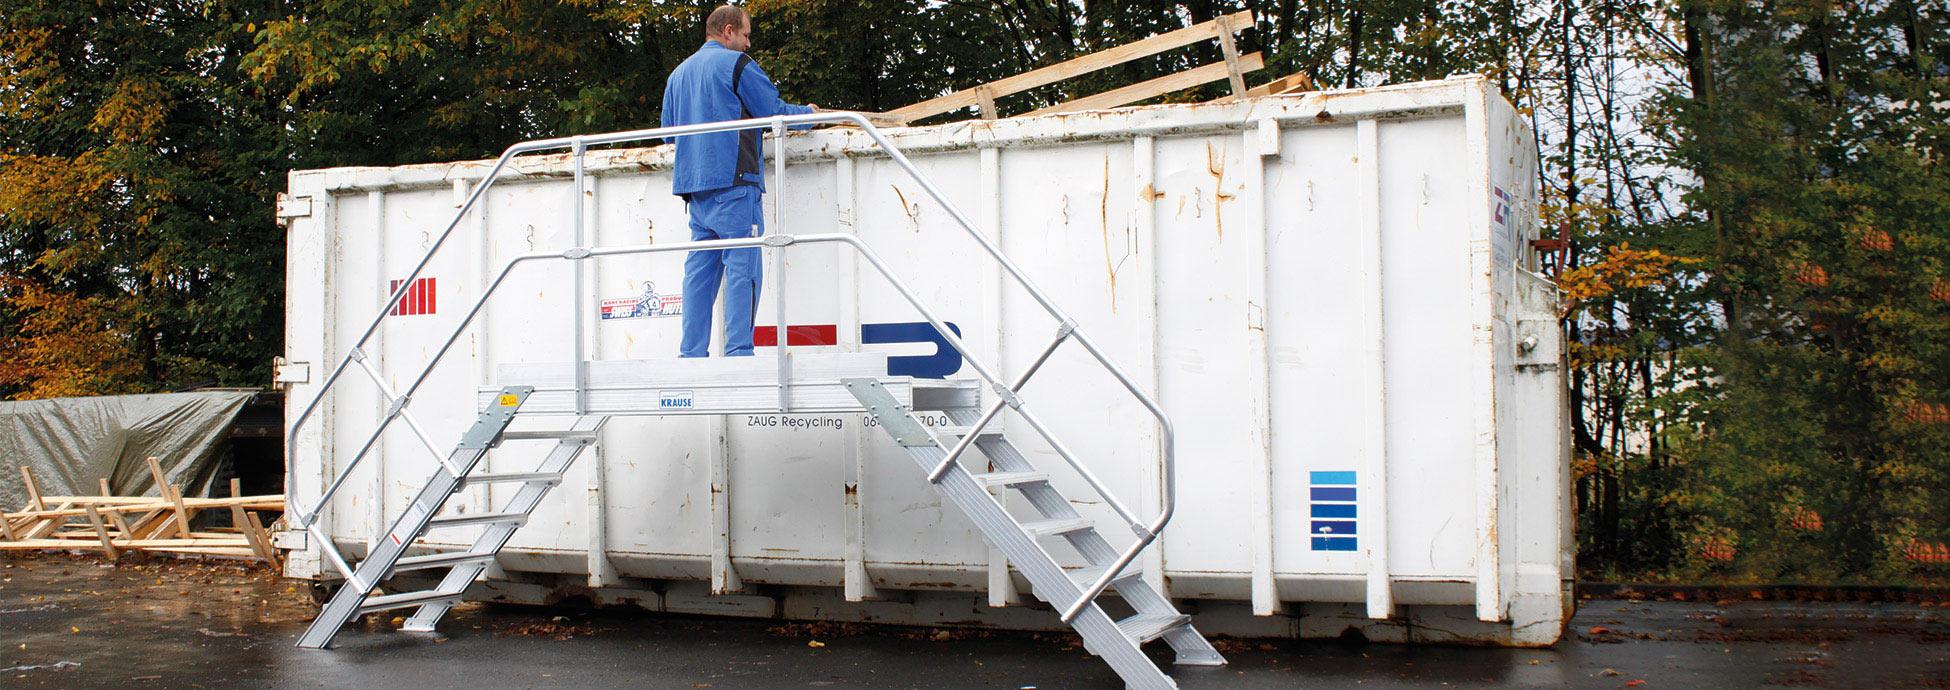 Alumínium egyedi megoldások, szerelődobogók és dobogók hulladékkezeléshez